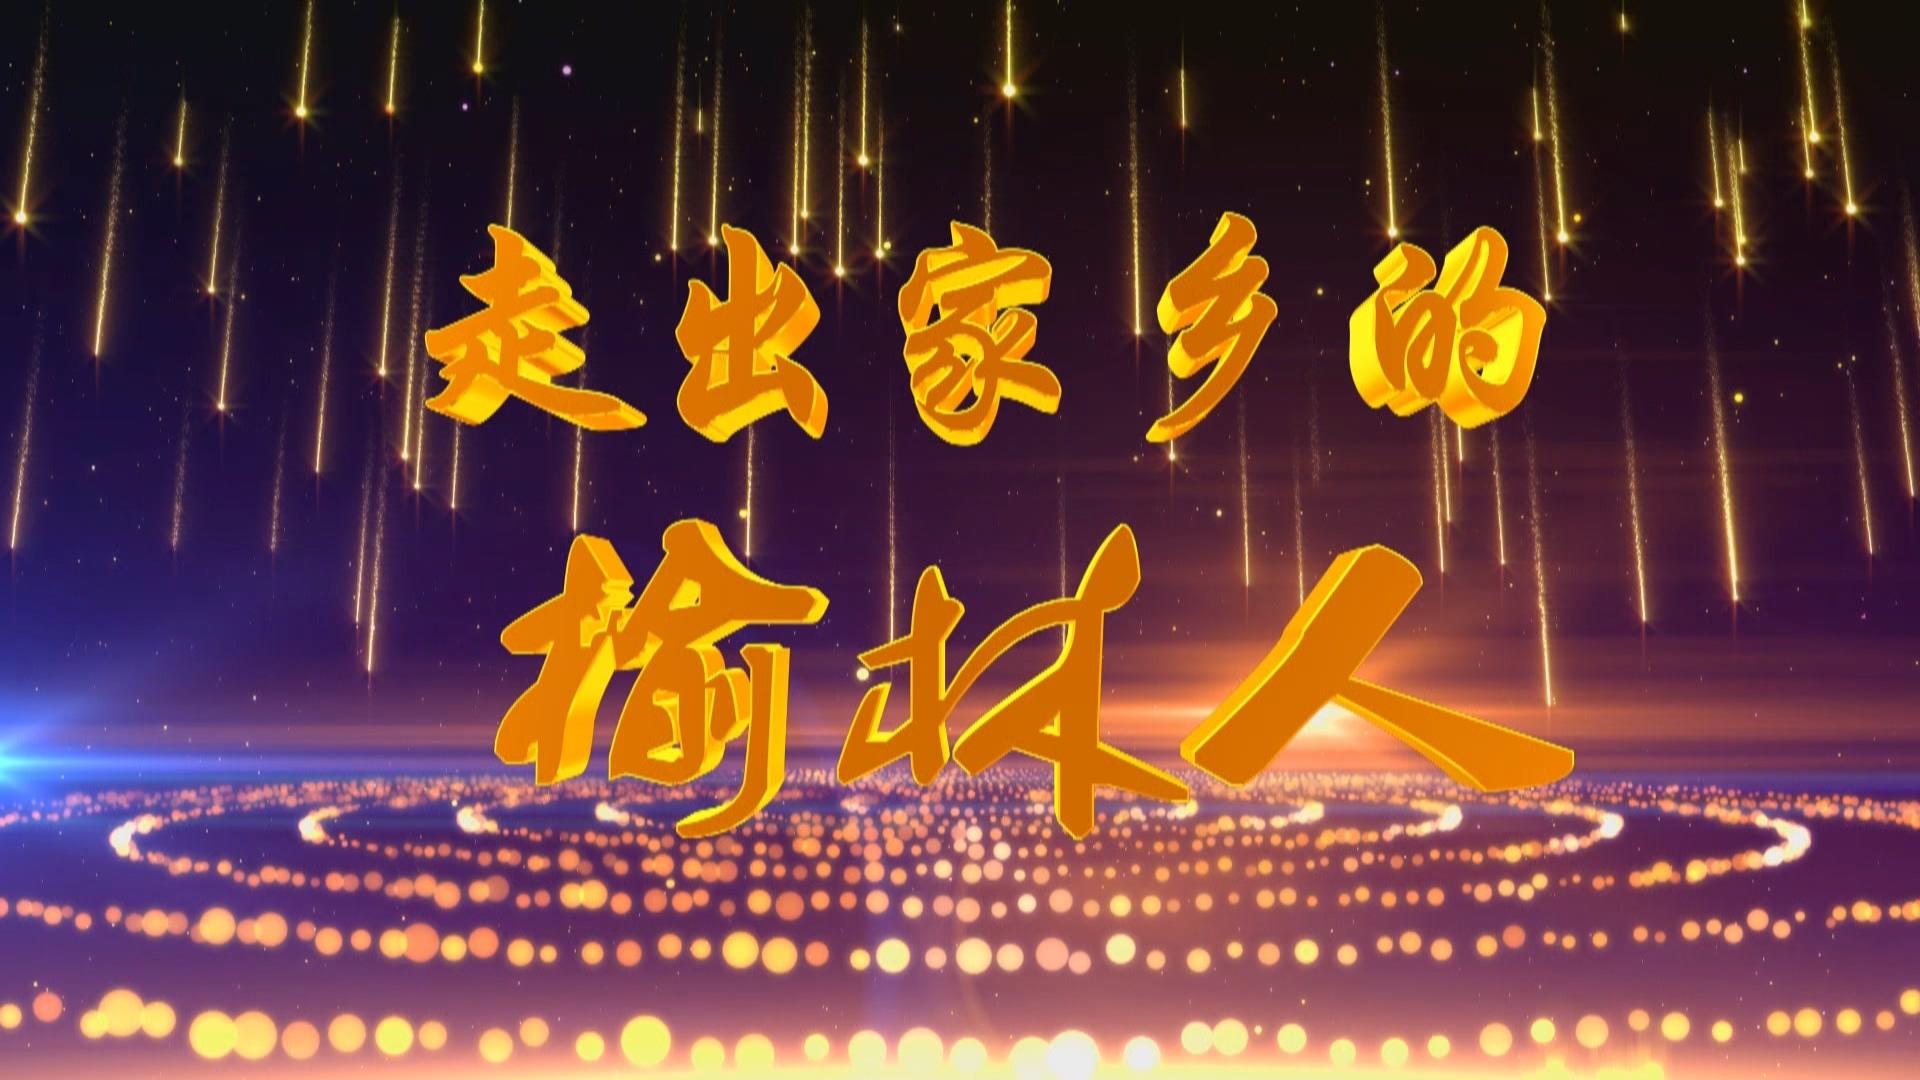 【走出家乡的榆林人】 善行跨天山——韩枫 2018-10-15